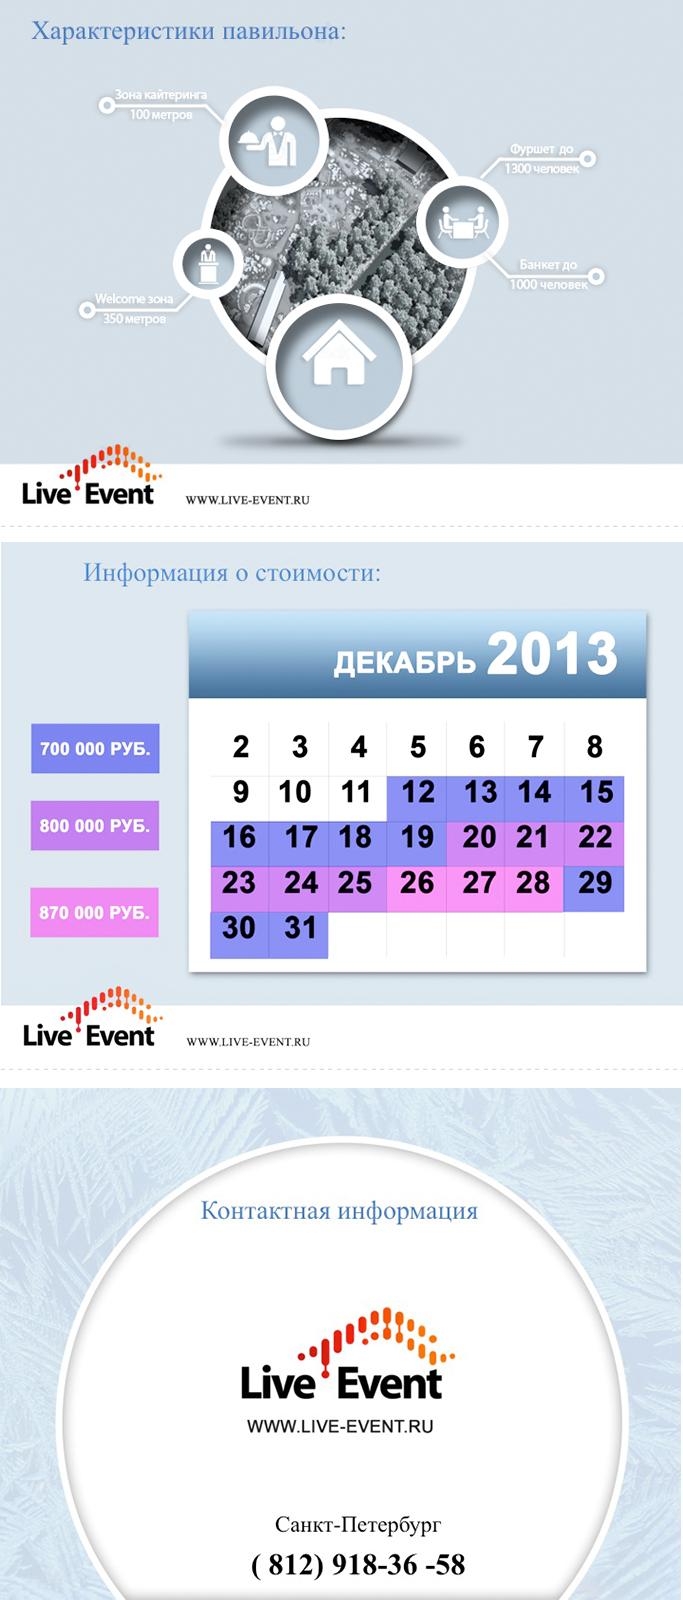 Презентация для Live Event